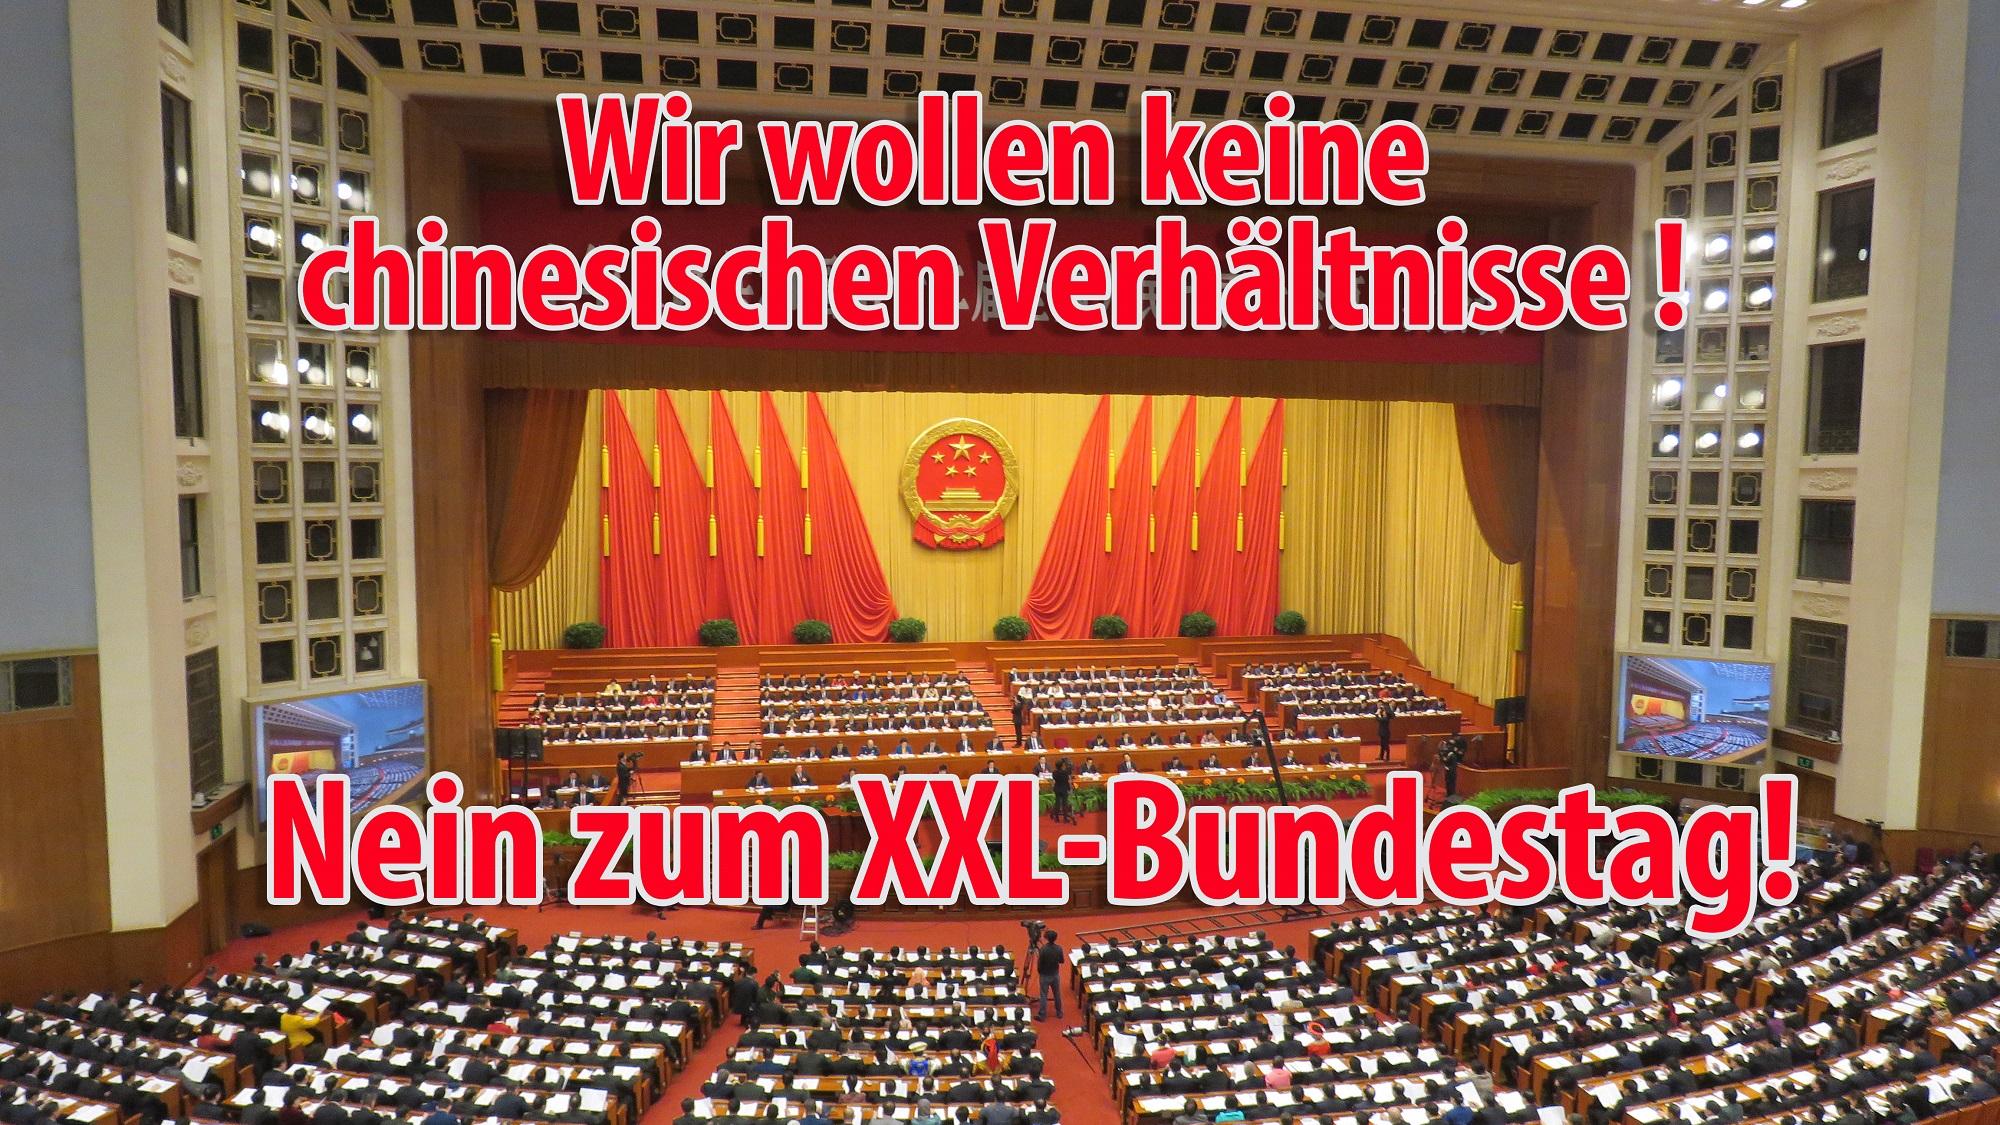 XXL Bundestag